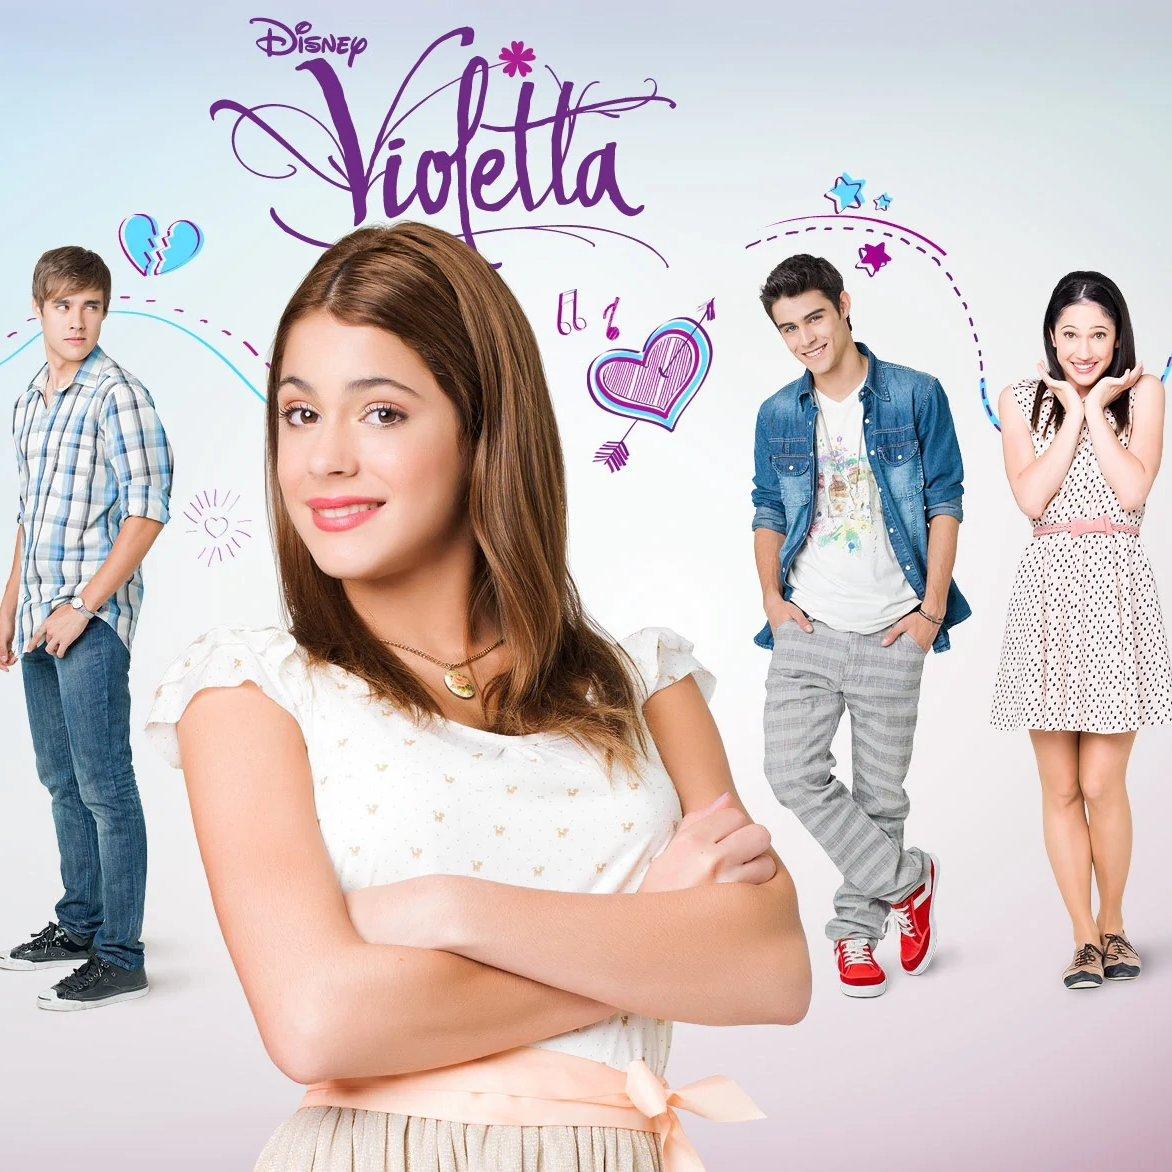 Volvamos 9 años atrás cuando nuestra única preocupación era llegar de la escuela para ver #Violetta en #DisneyChannel.   Un 14 de mayo de 2012 se estrenaba este suceso que marcó la infancia y adolescencia de muchos. ¡Felices 9 años #Violetta! https://t.co/T5oGyBRA6e